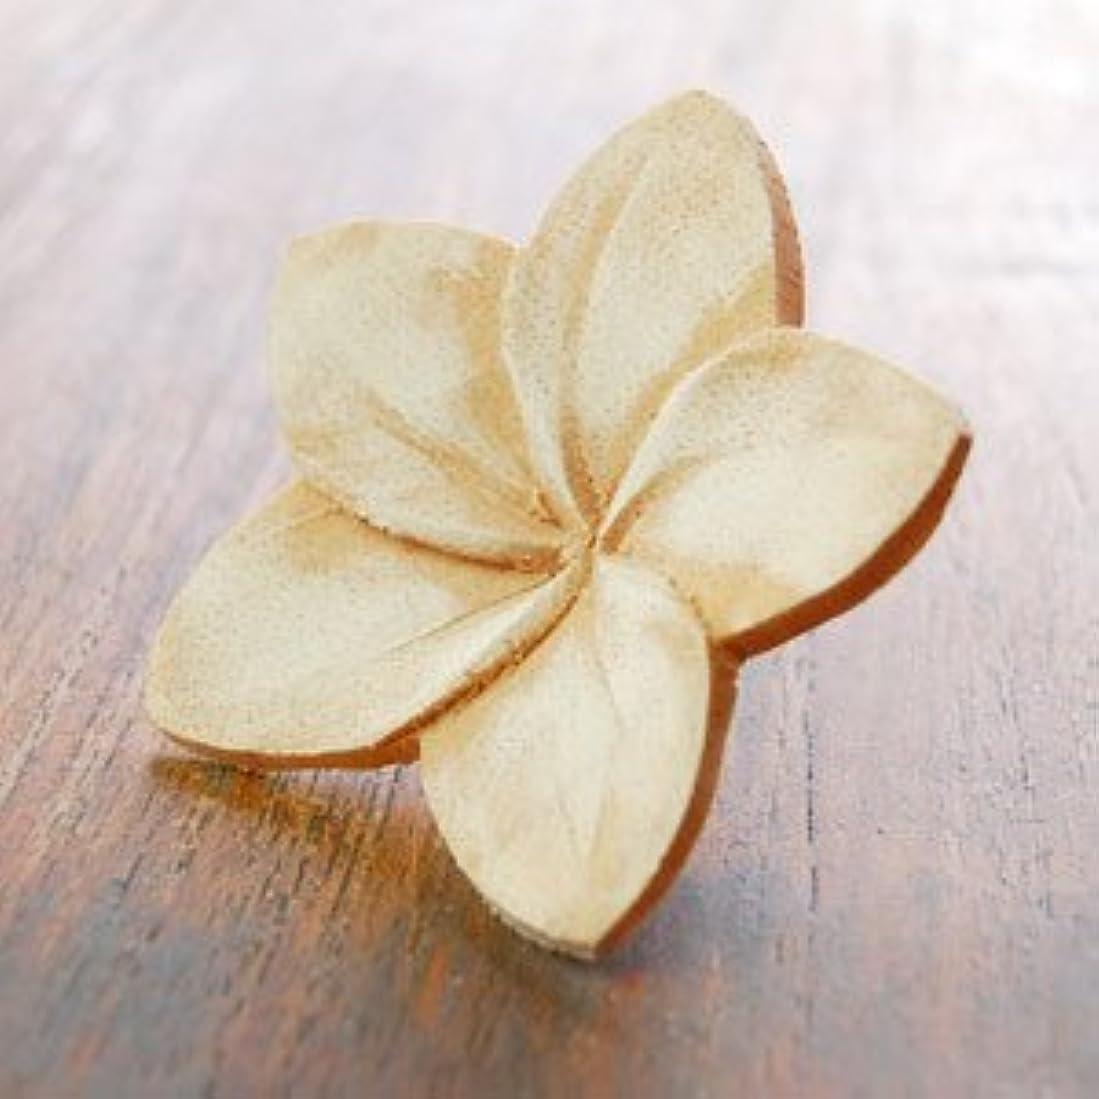 スポークスマンアラームペグ【アジア工房】プルメリアの花びらをモチーフにした木製アロマフラワー[Bタイプ][10892] [並行輸入品]